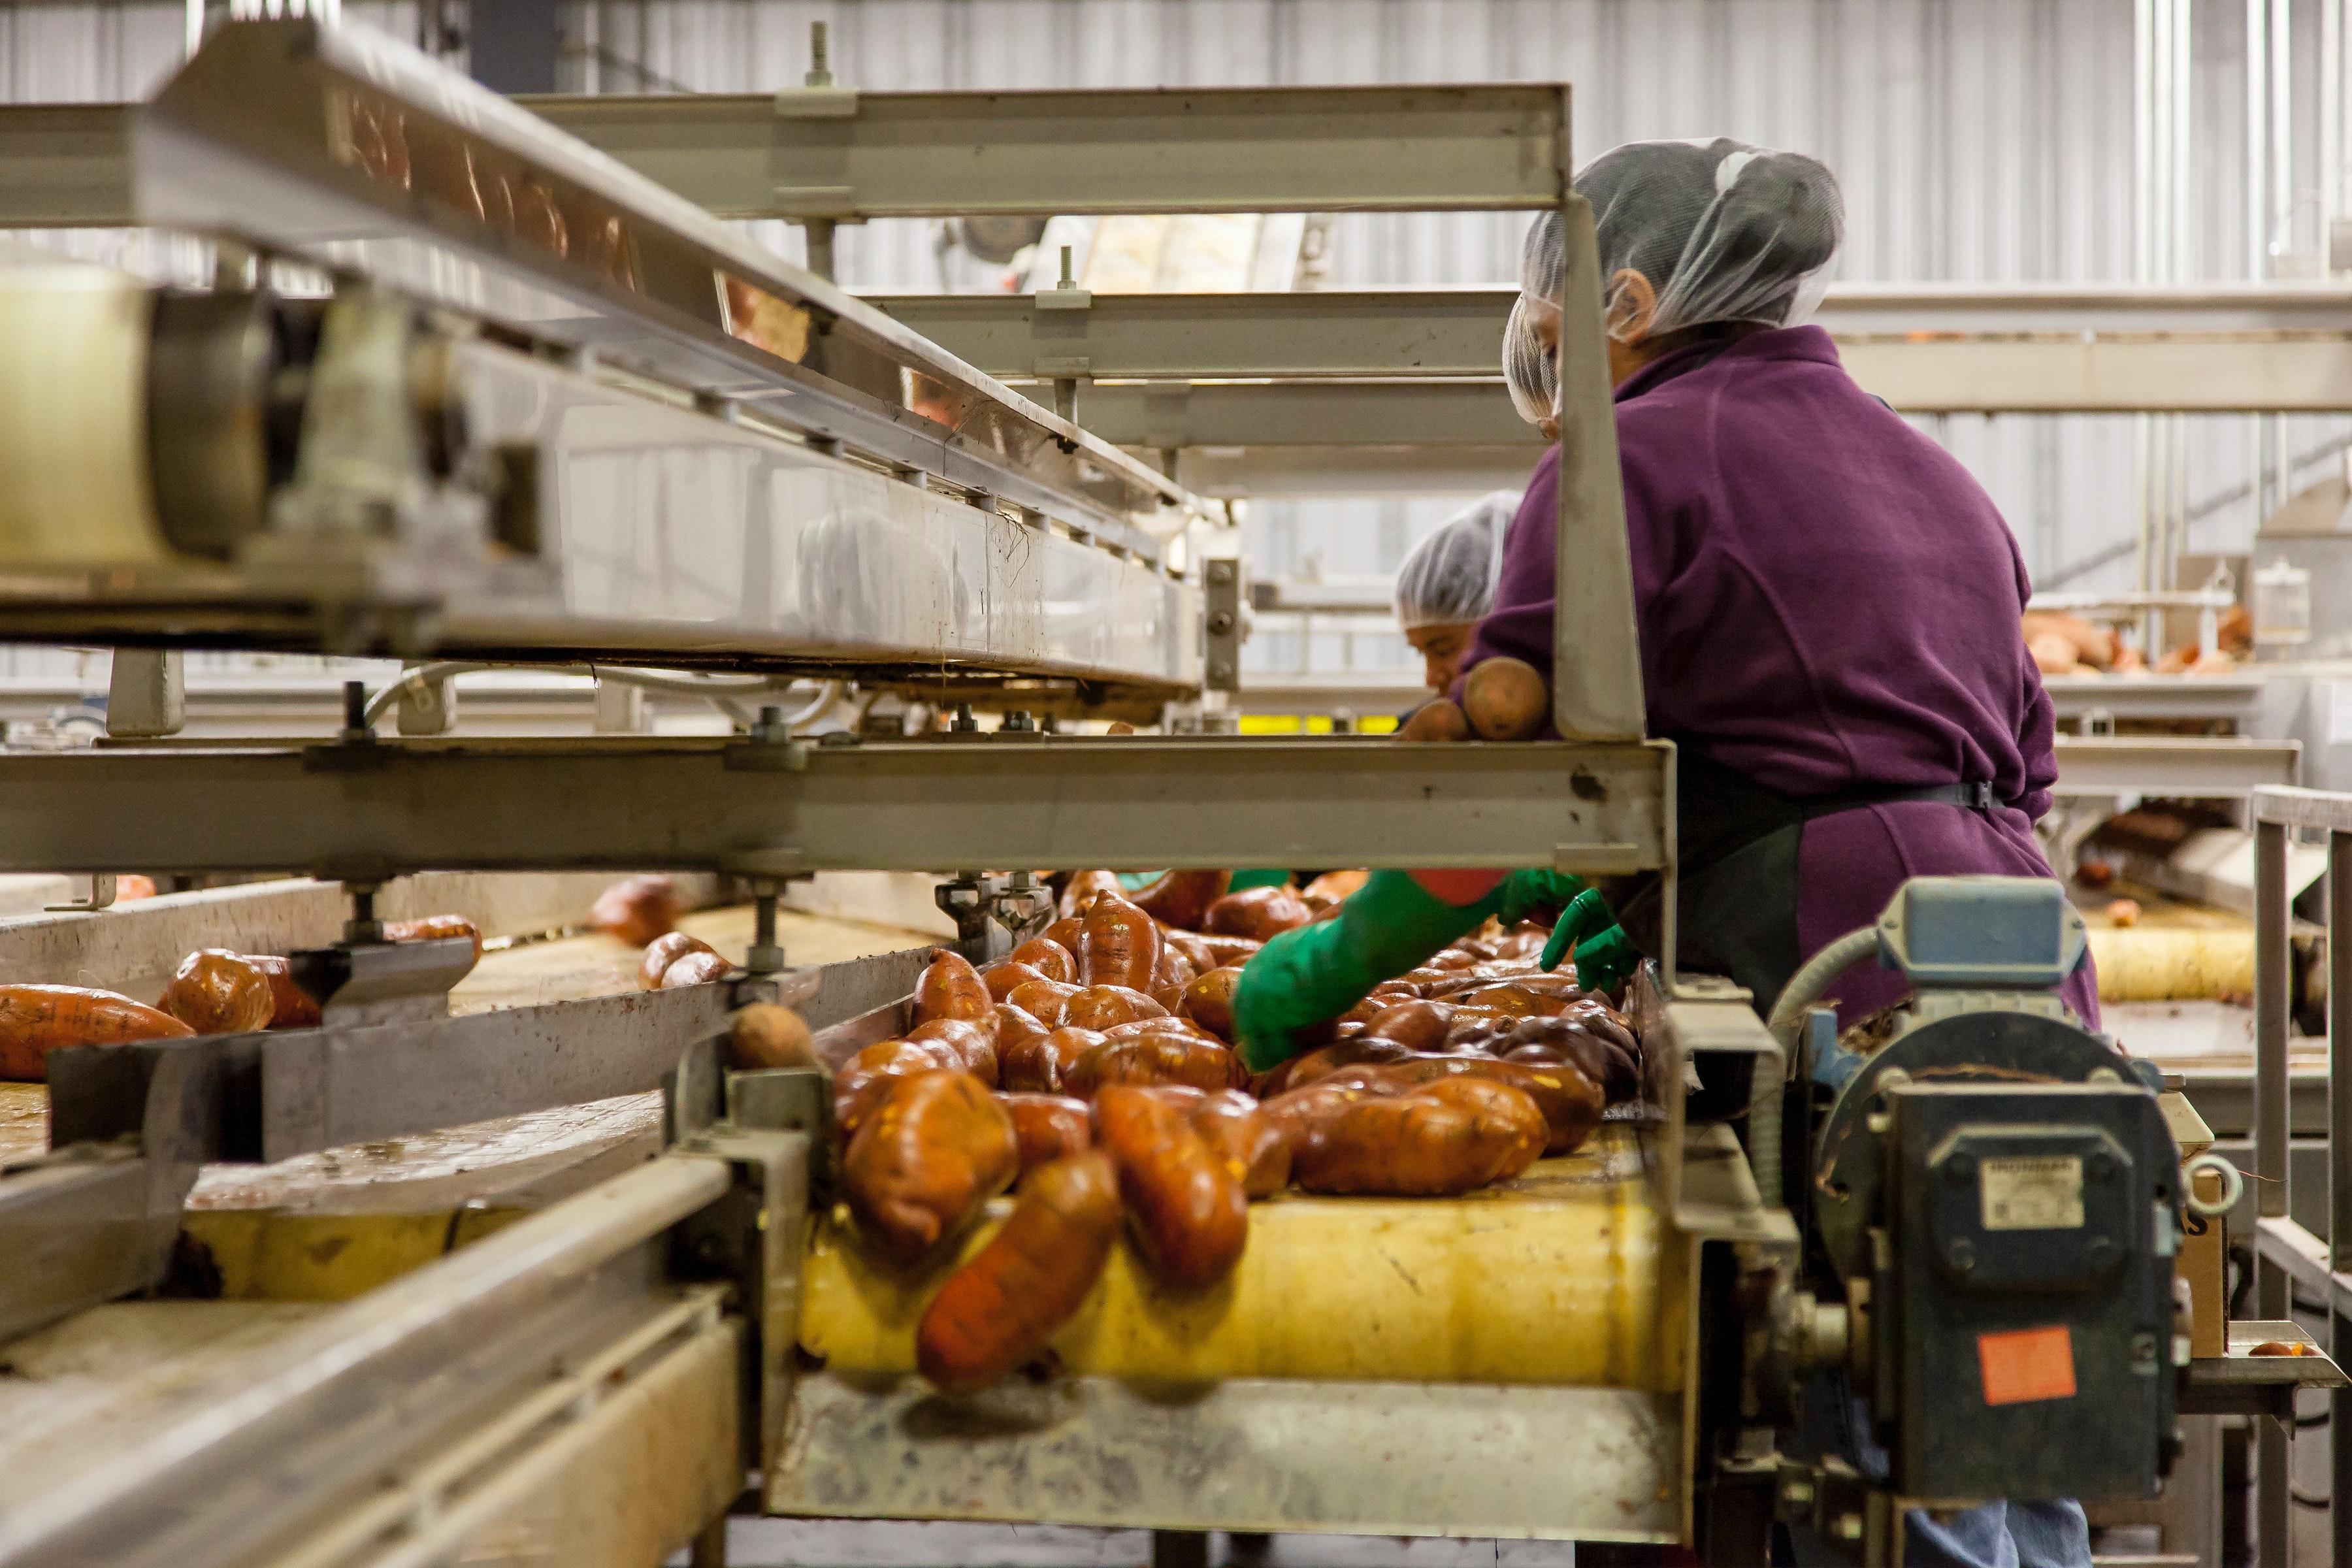 Trabajadores piden alza salarial de 25% en Panamá; pone en riesgo empleos, dicen empresarios